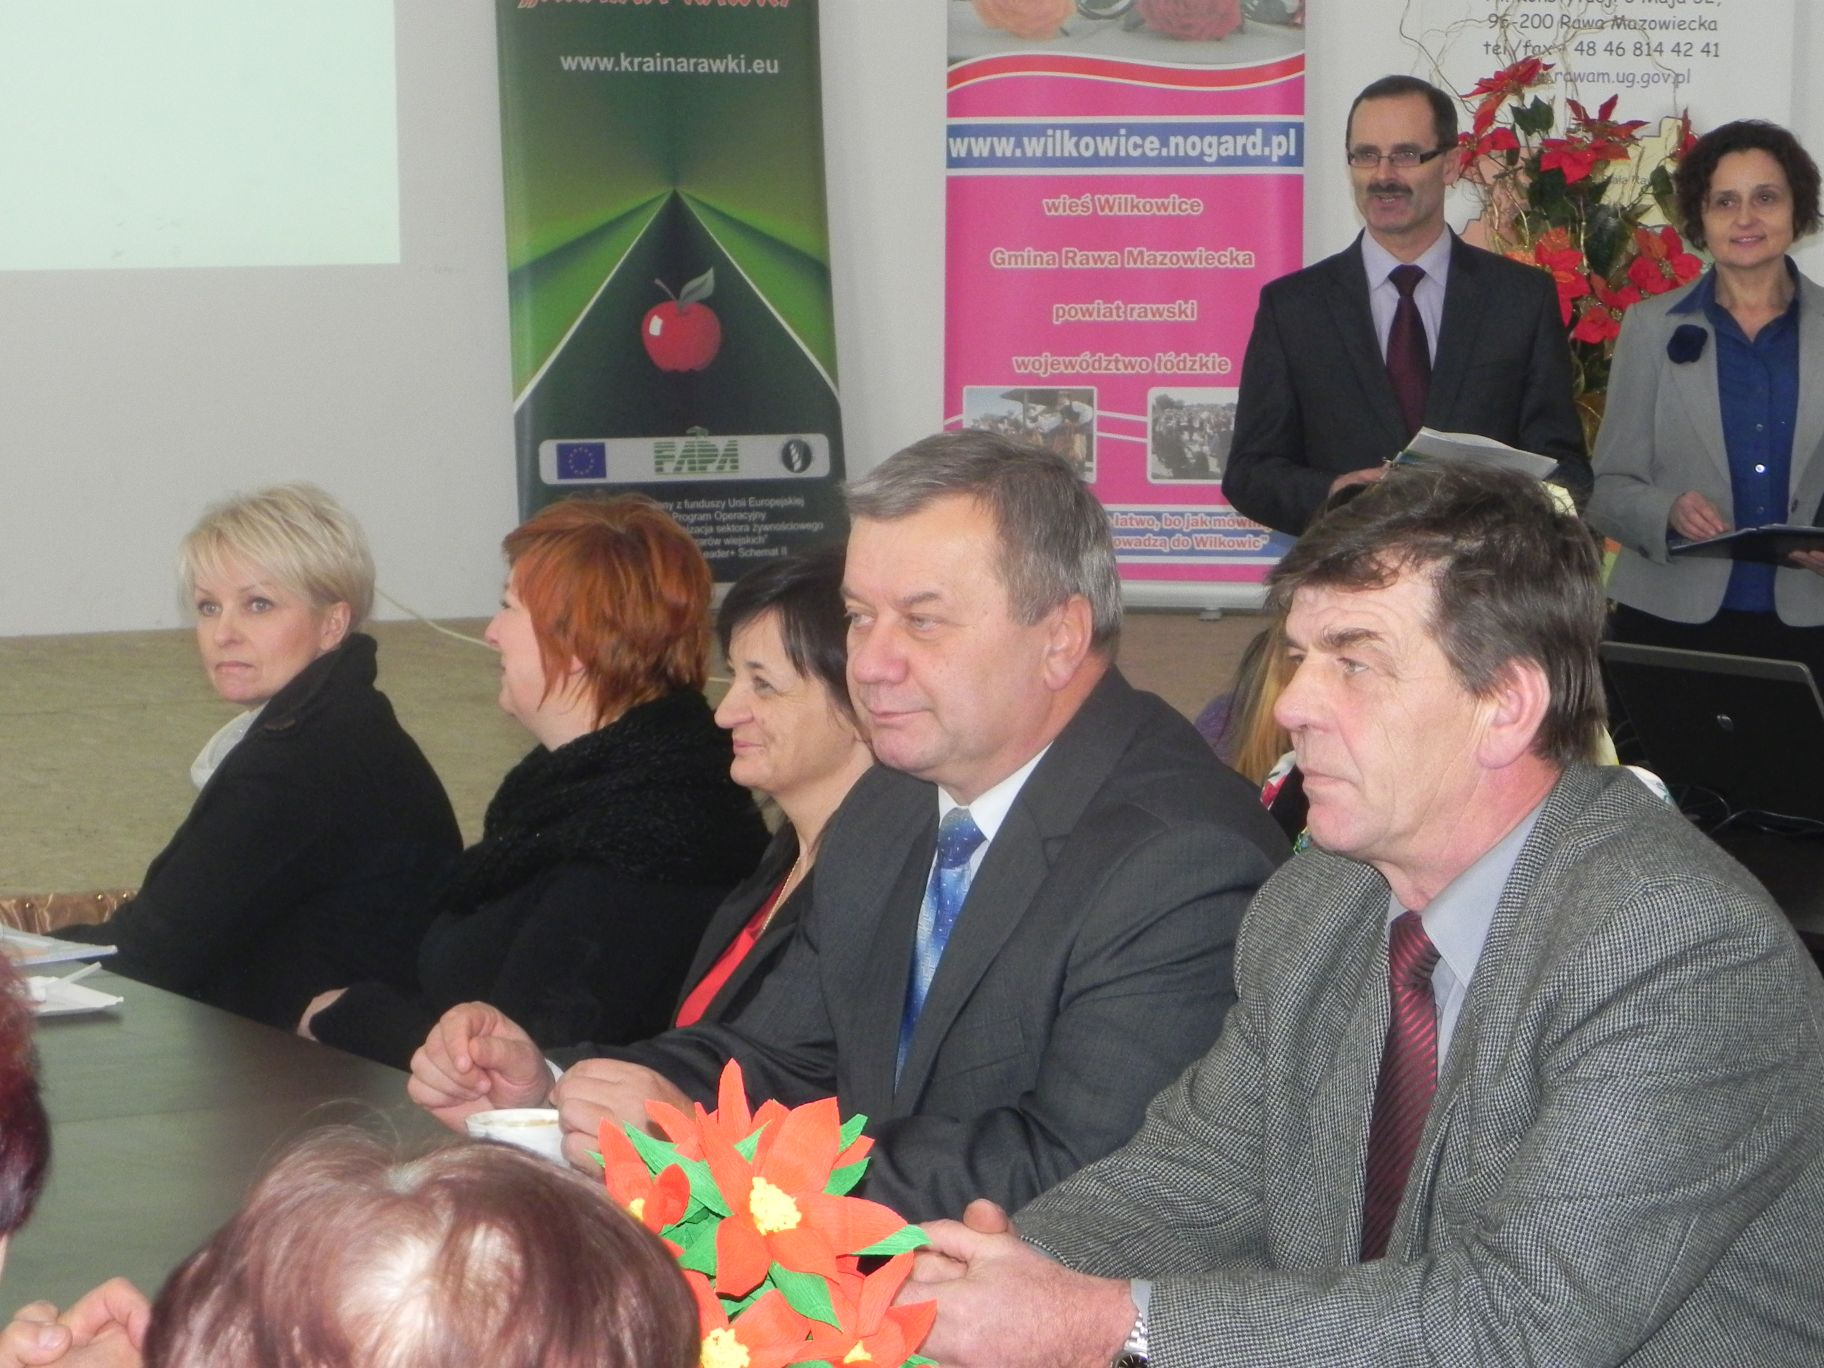 2012-12-14 Wilkowice - Konferencja Wioski tematyczne (75)